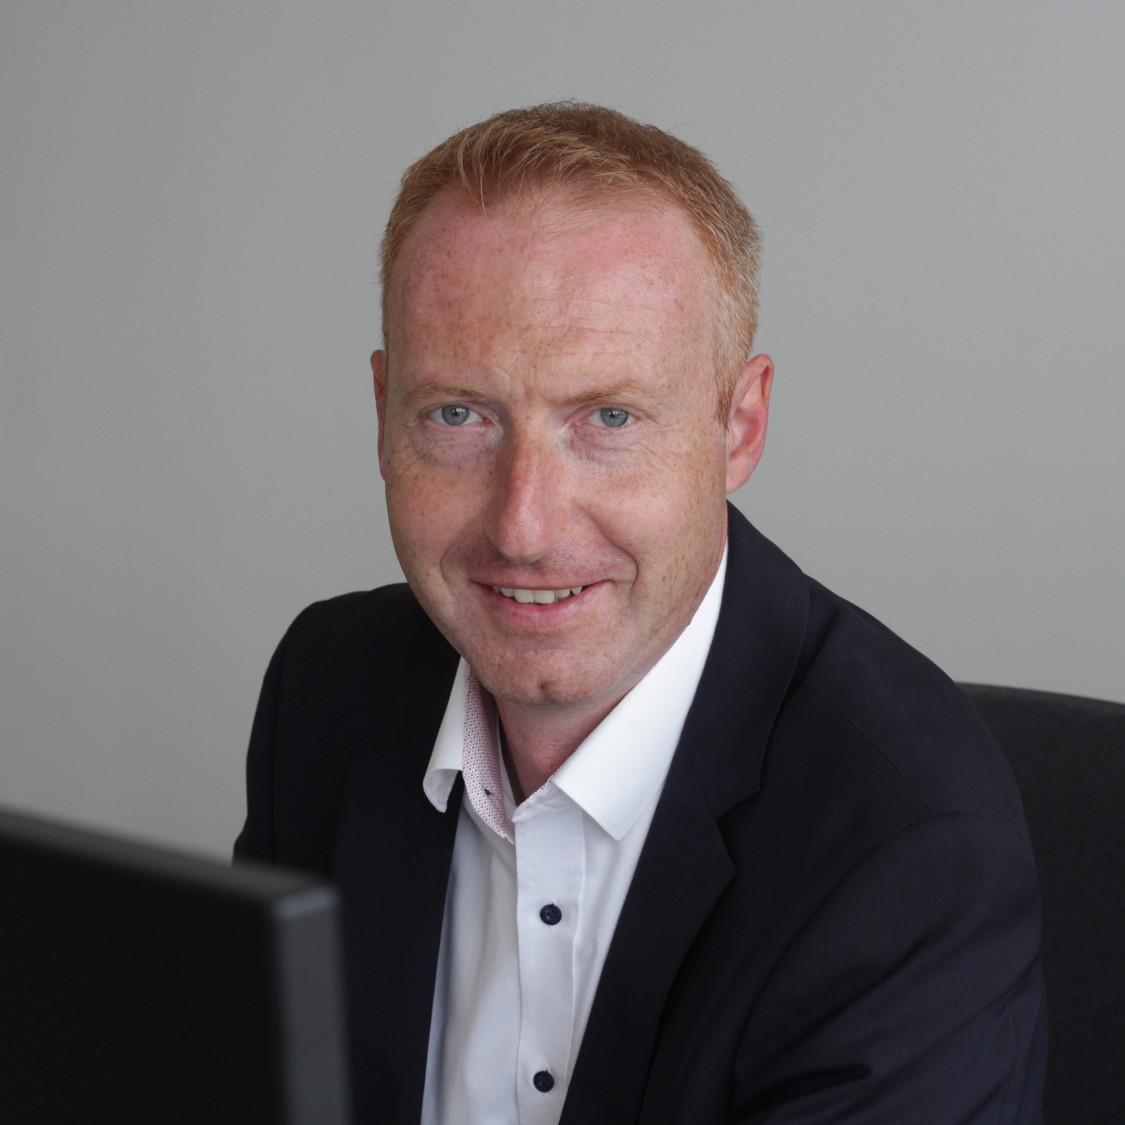 Jochen Steinbauer